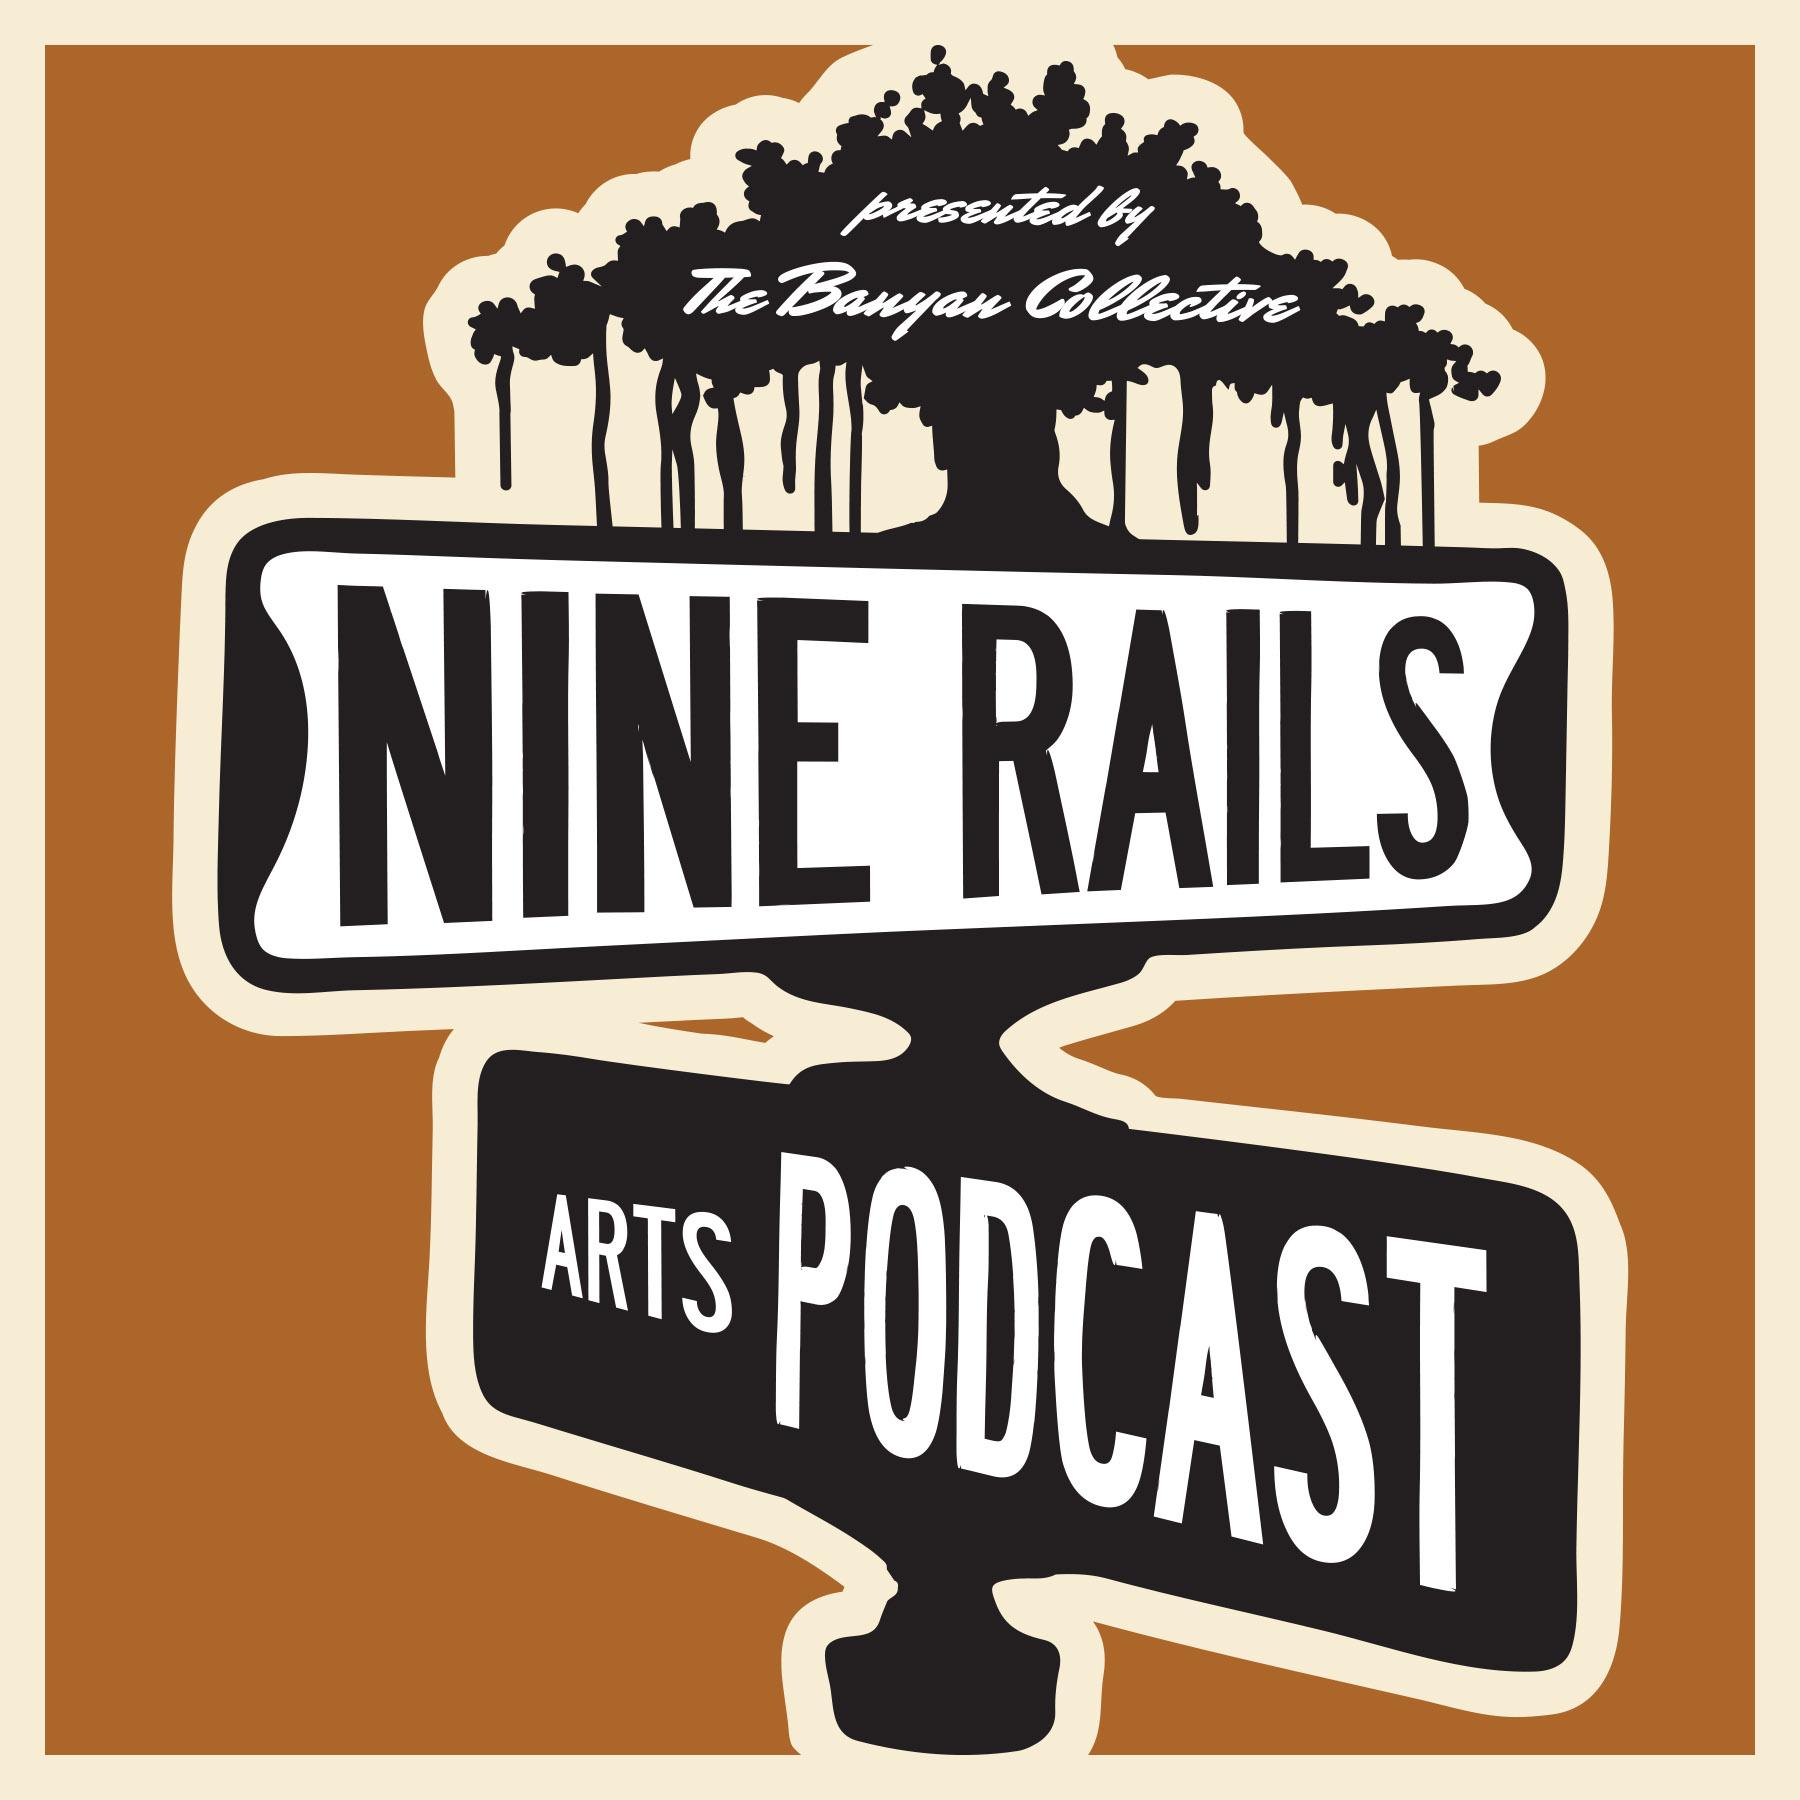 Nine Rails.jpg